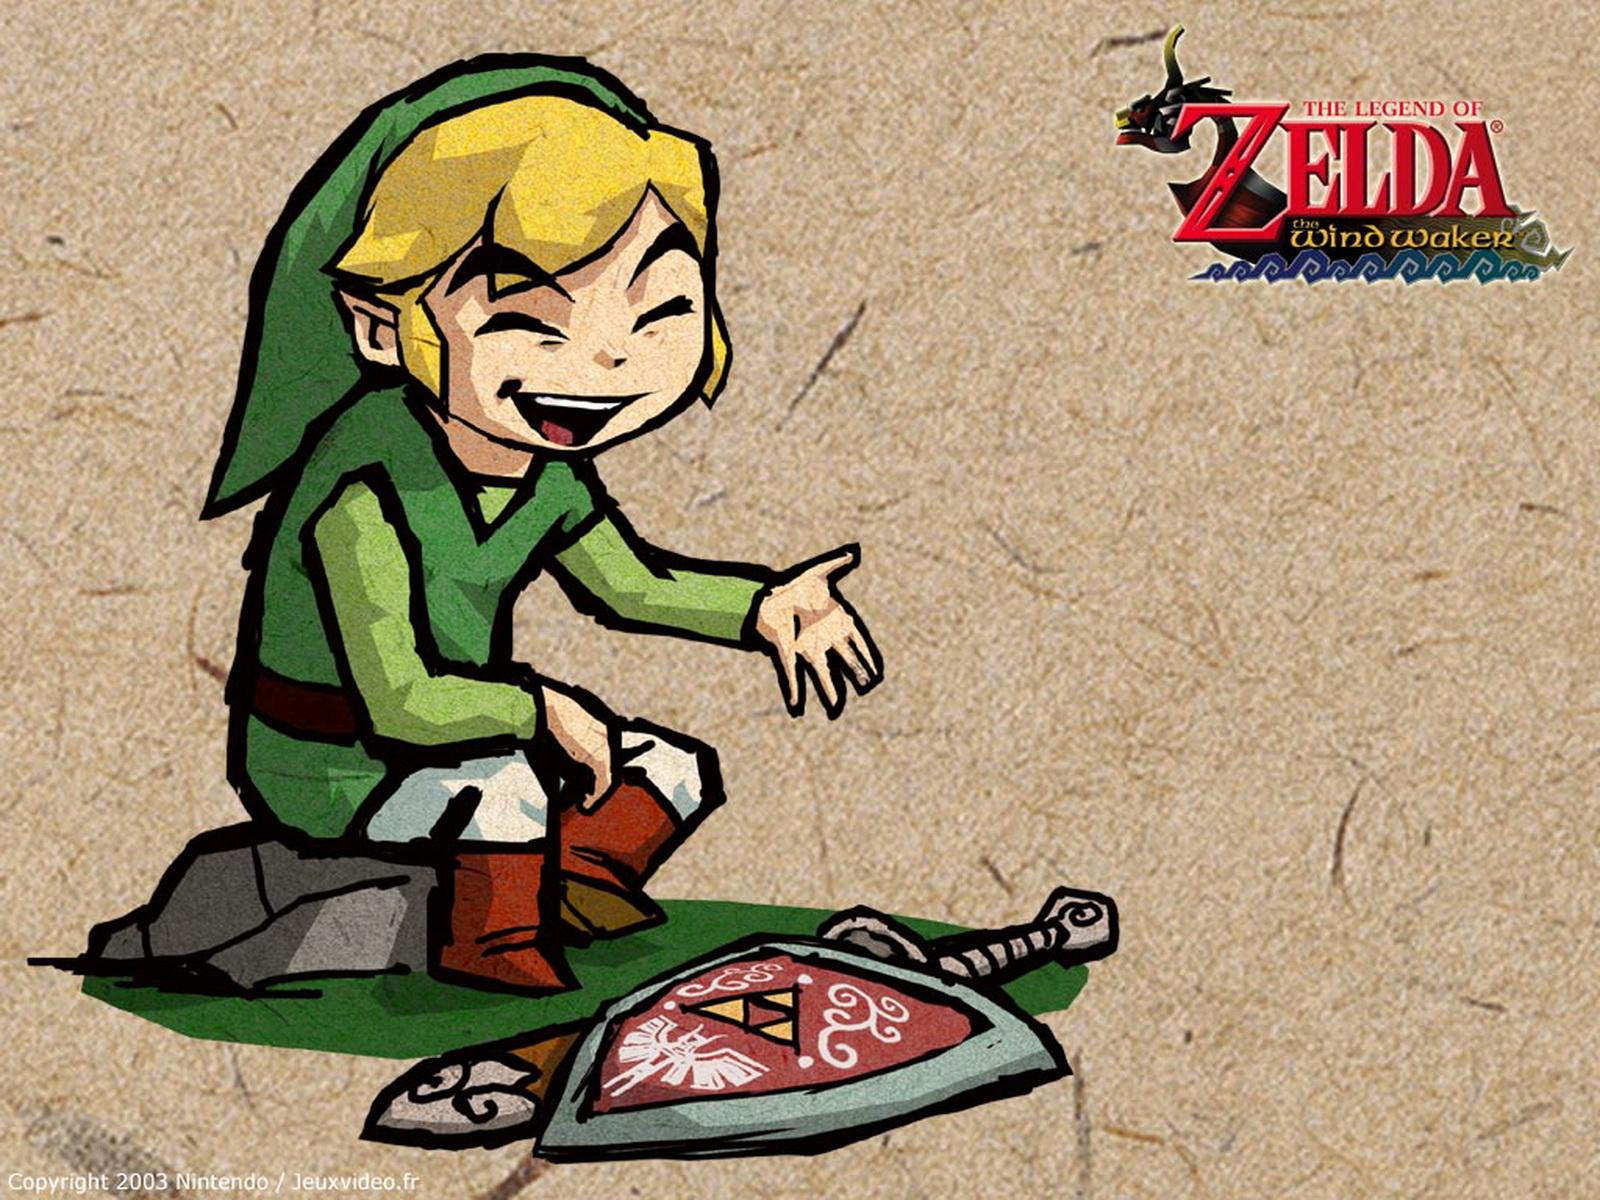 The Legend Of Zelda The Wind Waker Wallpaper 2 Wallpapersbq